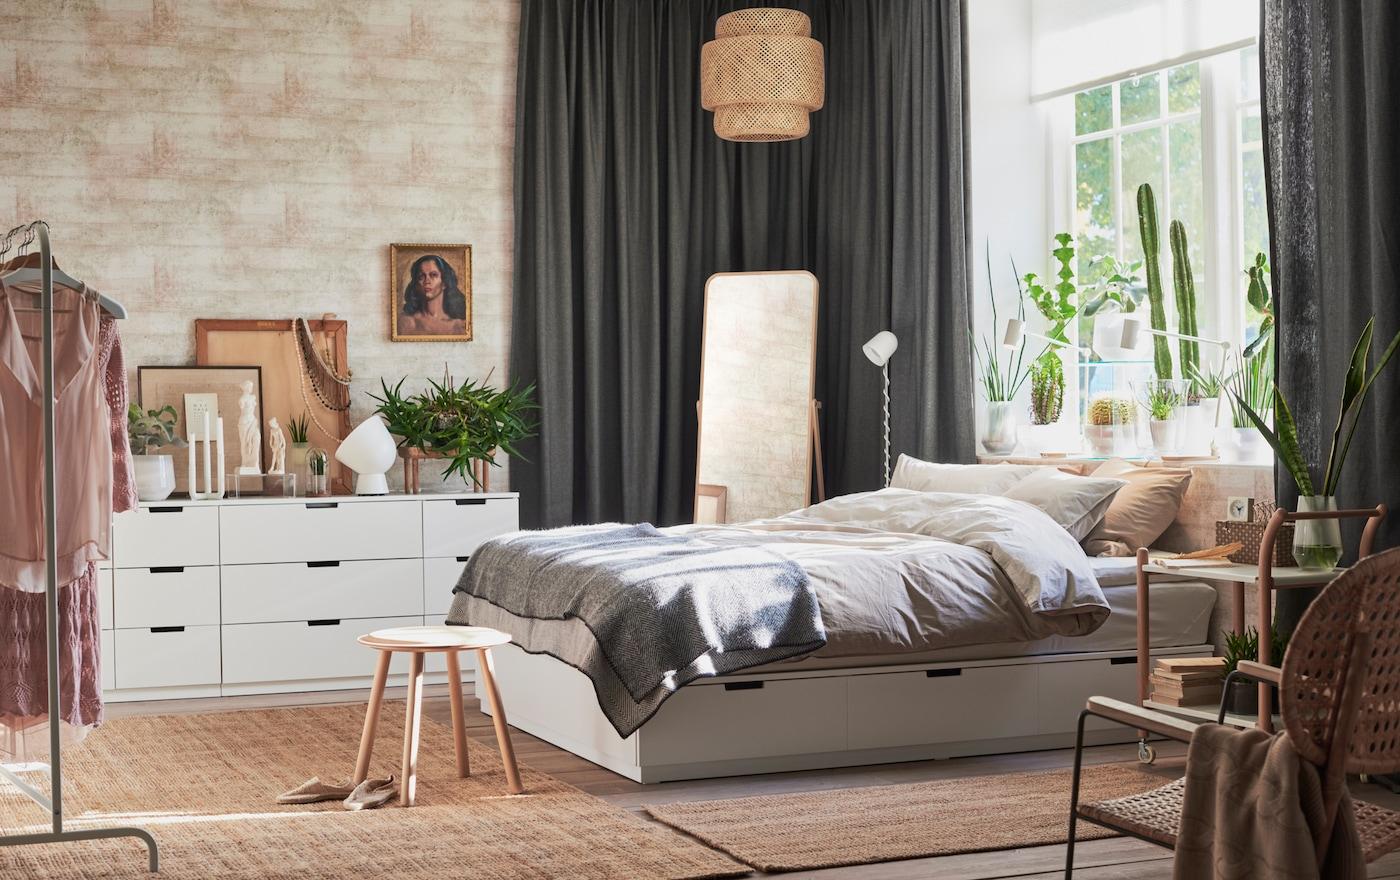 Wit bed met laden in een grote slaapkamer met zichtbare bakstenen, grijze gordijnen en jute tapijten